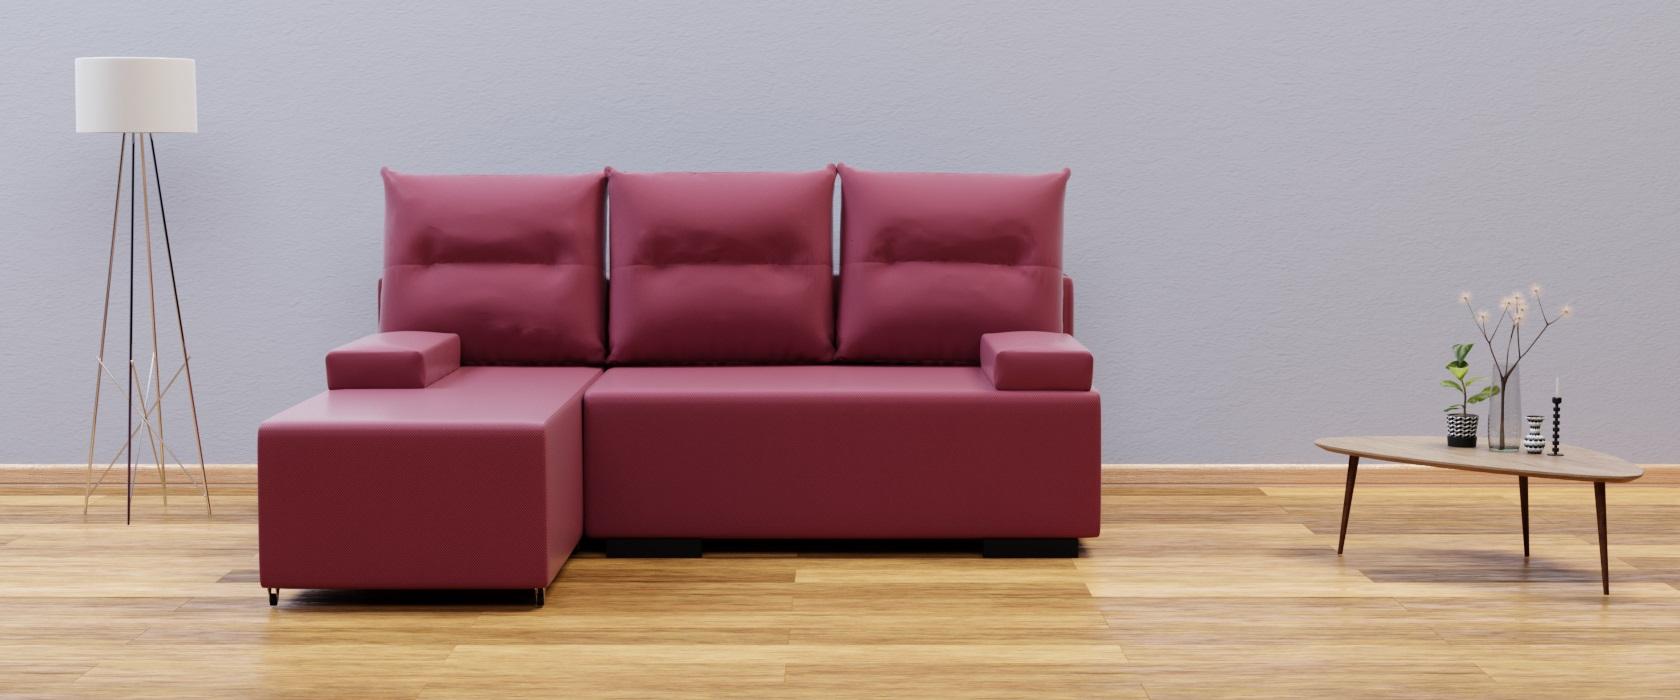 Угловой диван Marta - Фото 2 - Pufetto